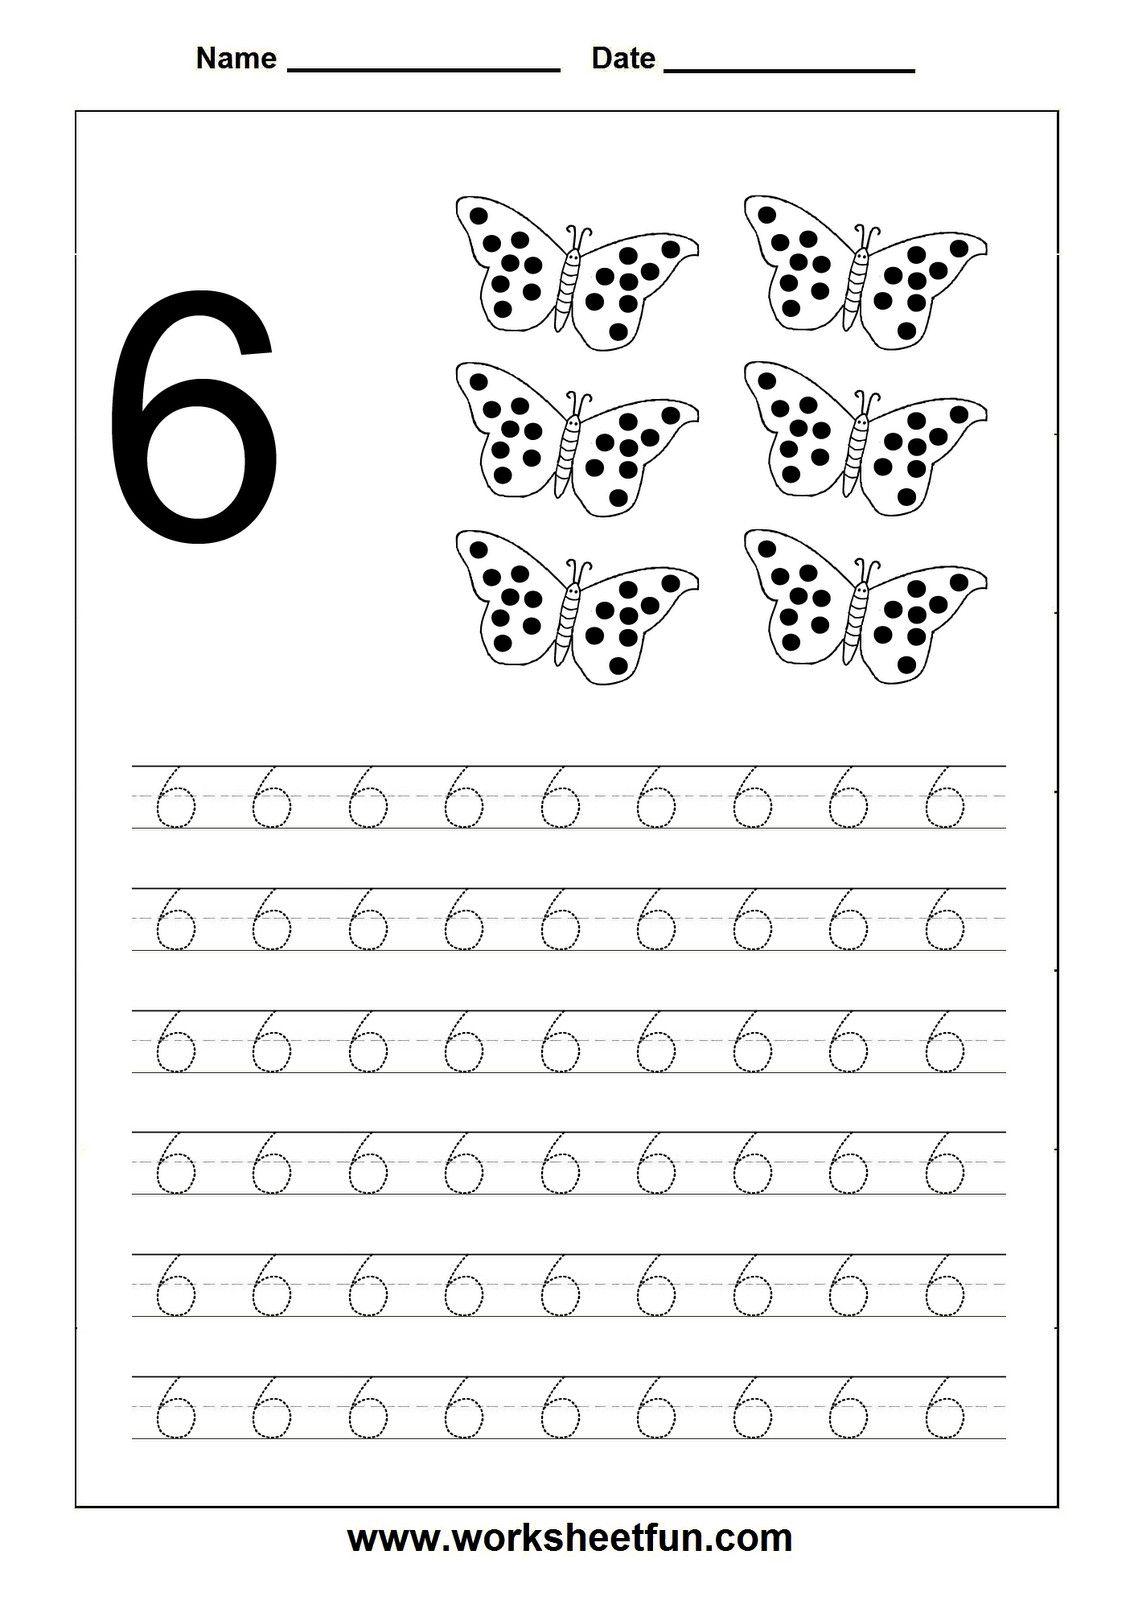 3 Number 6 Worksheets For Kindergarten 001 Number Tracing Worksheet 6 Pinterest Kindergar Tracing Worksheets Learning Worksheets Printable Preschool Worksheets [ 1600 x 1130 Pixel ]